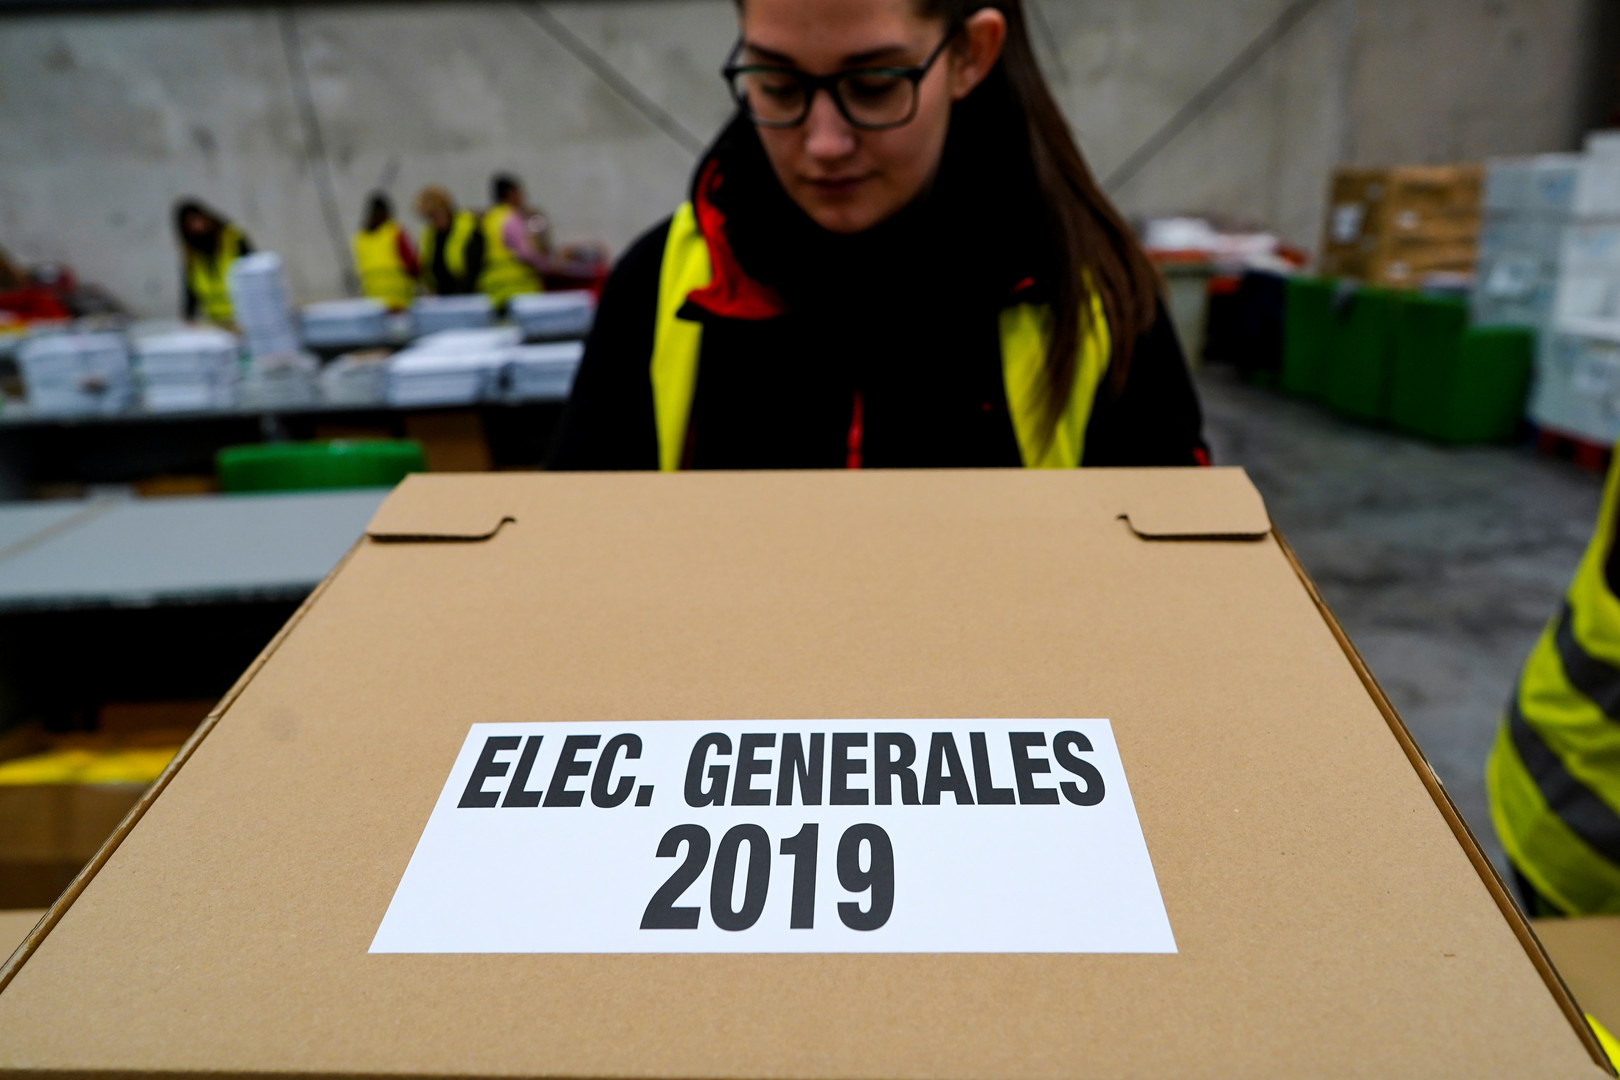 انطلاق الانتخابات التشريعية في إسبانيا